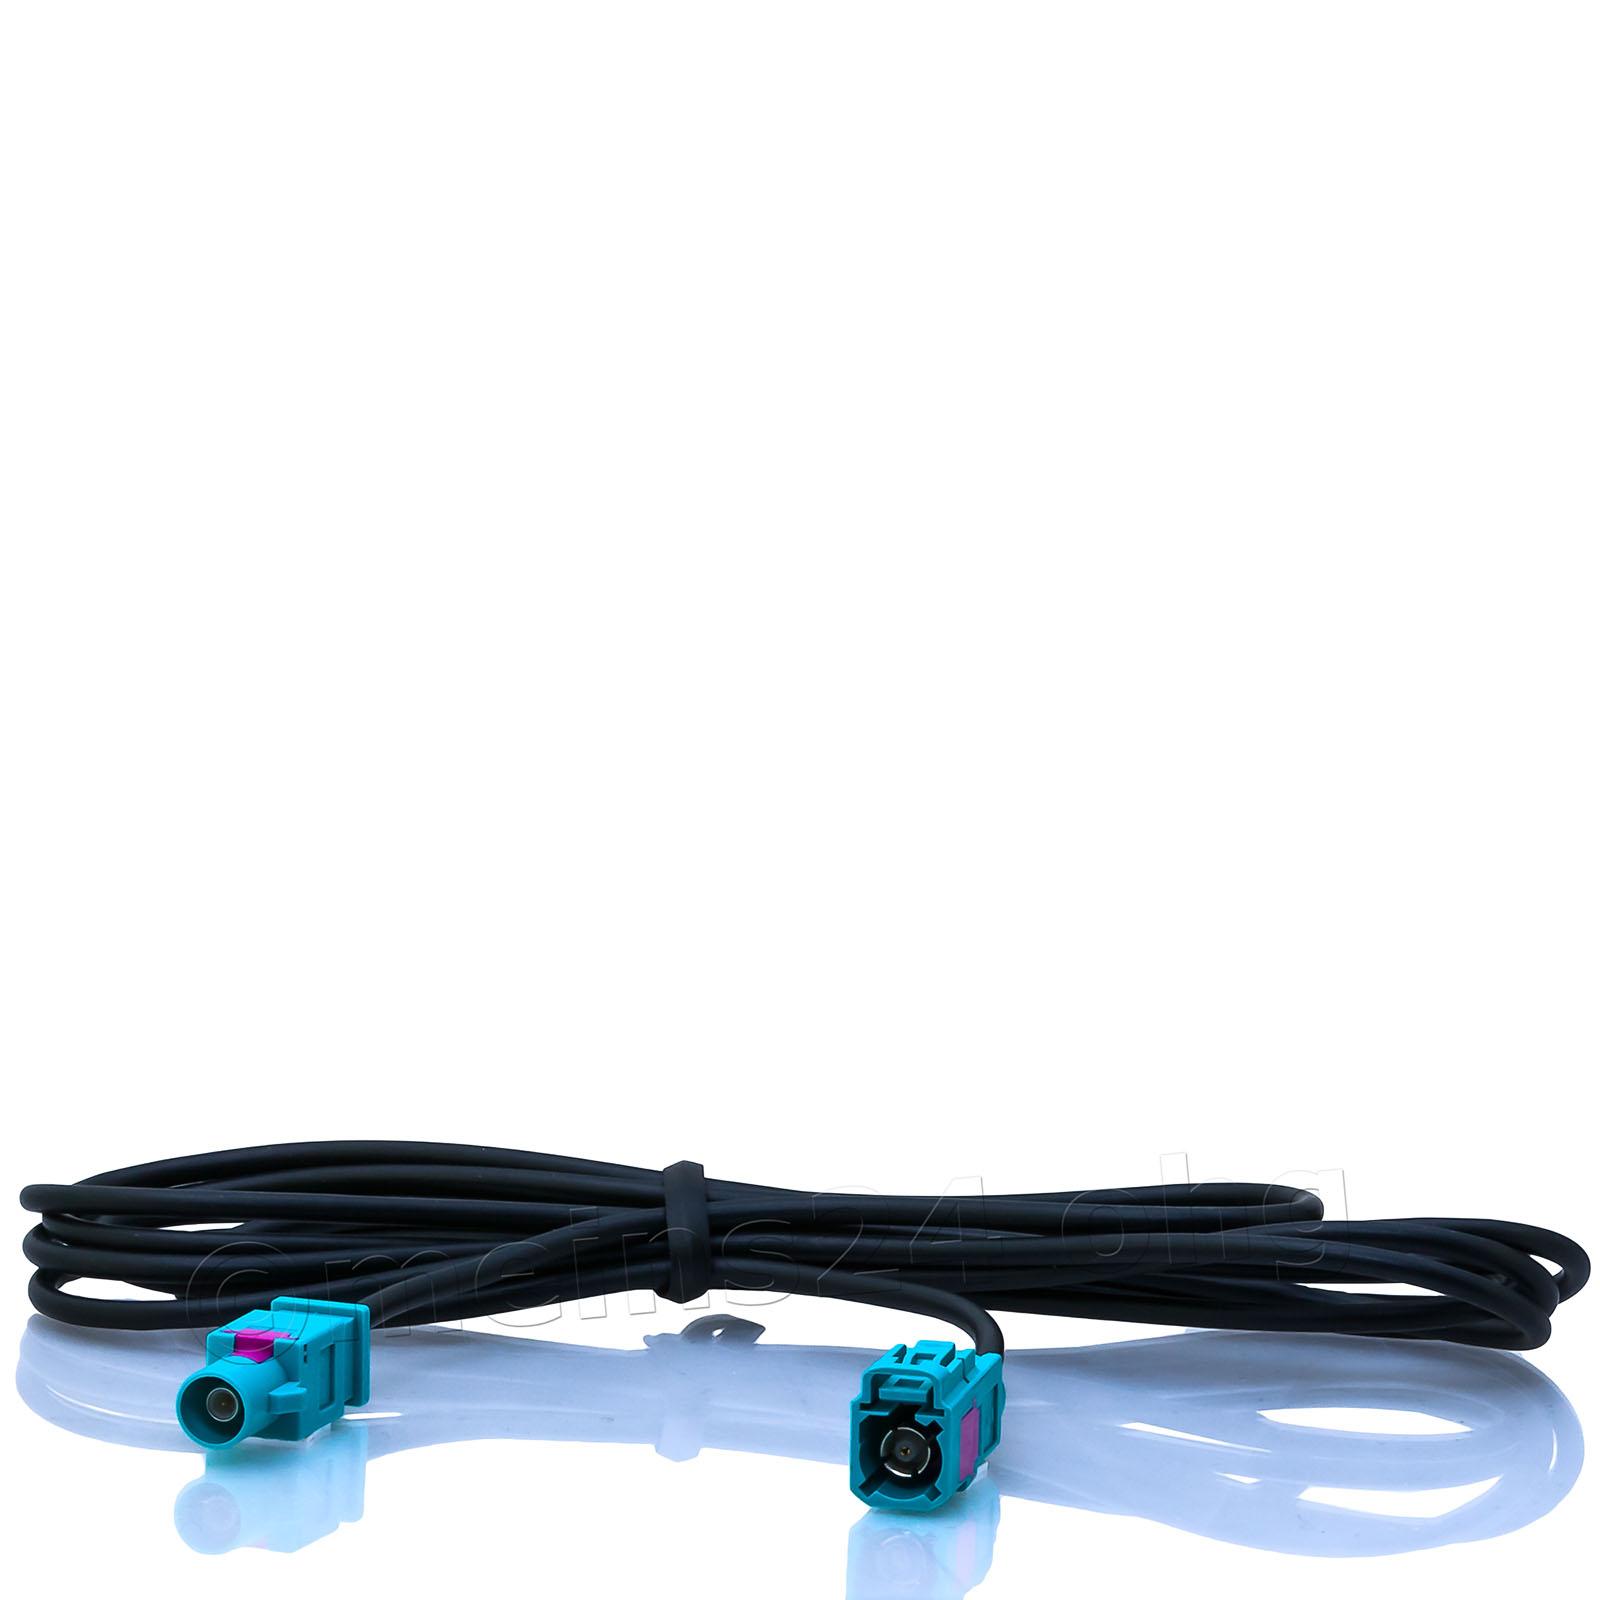 Antennenverlängerungskabel 2m Fakra Z Stecker (m) > Fakra Z Buchse (f)